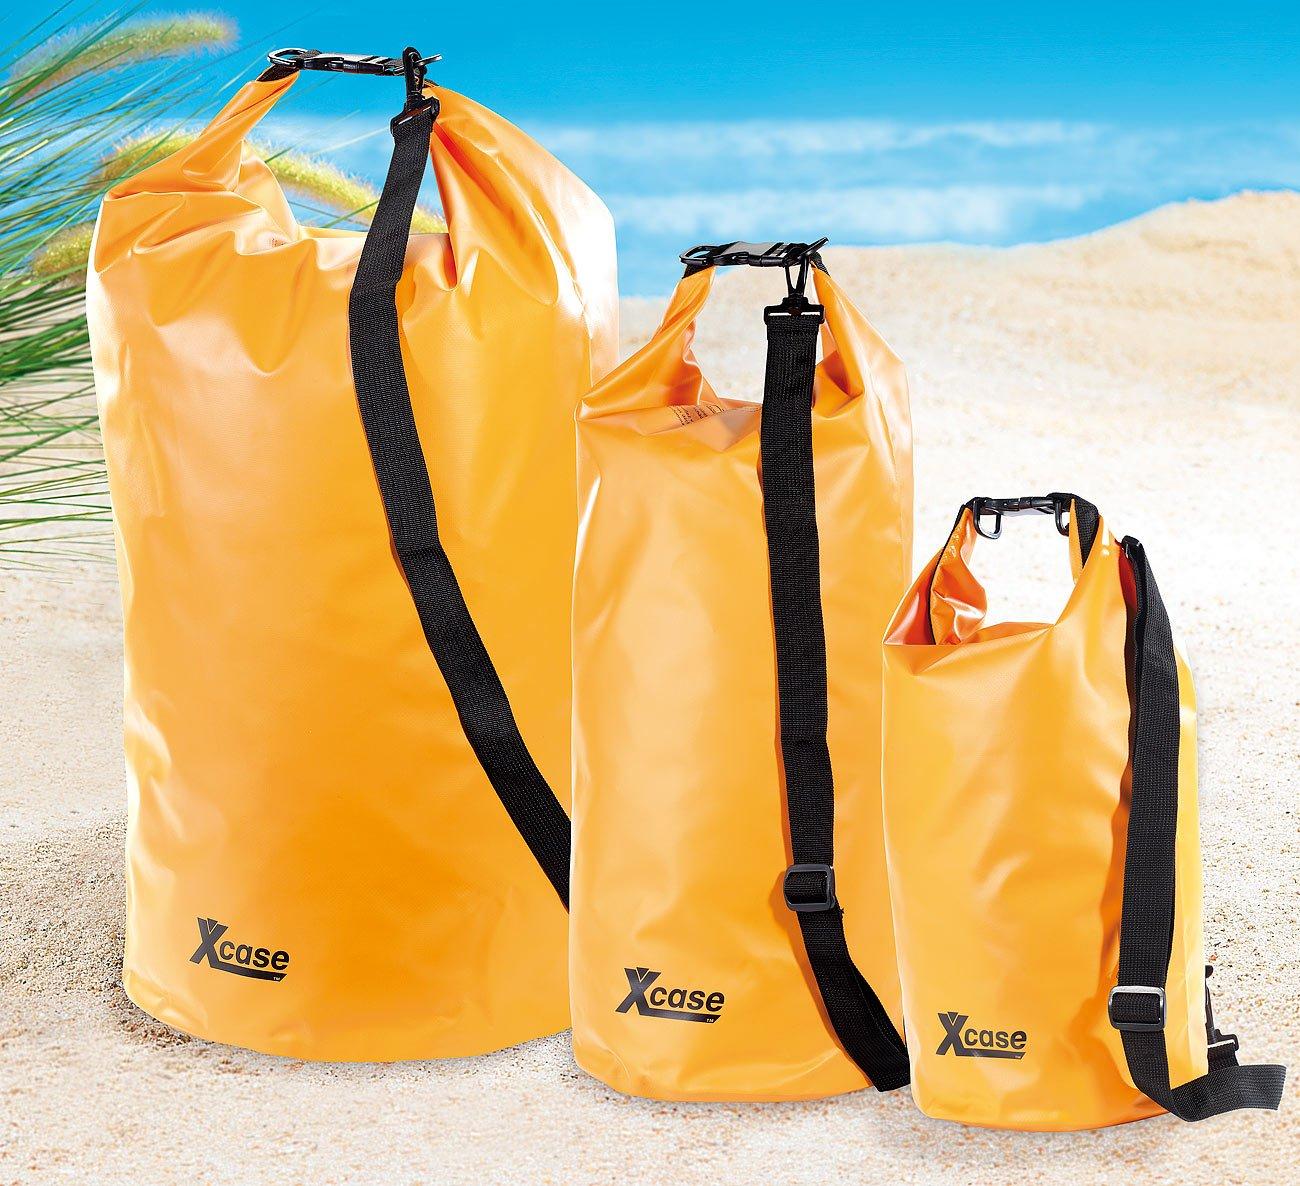 Xcase wasserdichte Tasche Wasserdichter Packsack 16 Liter orange wasserdichte Packtasche